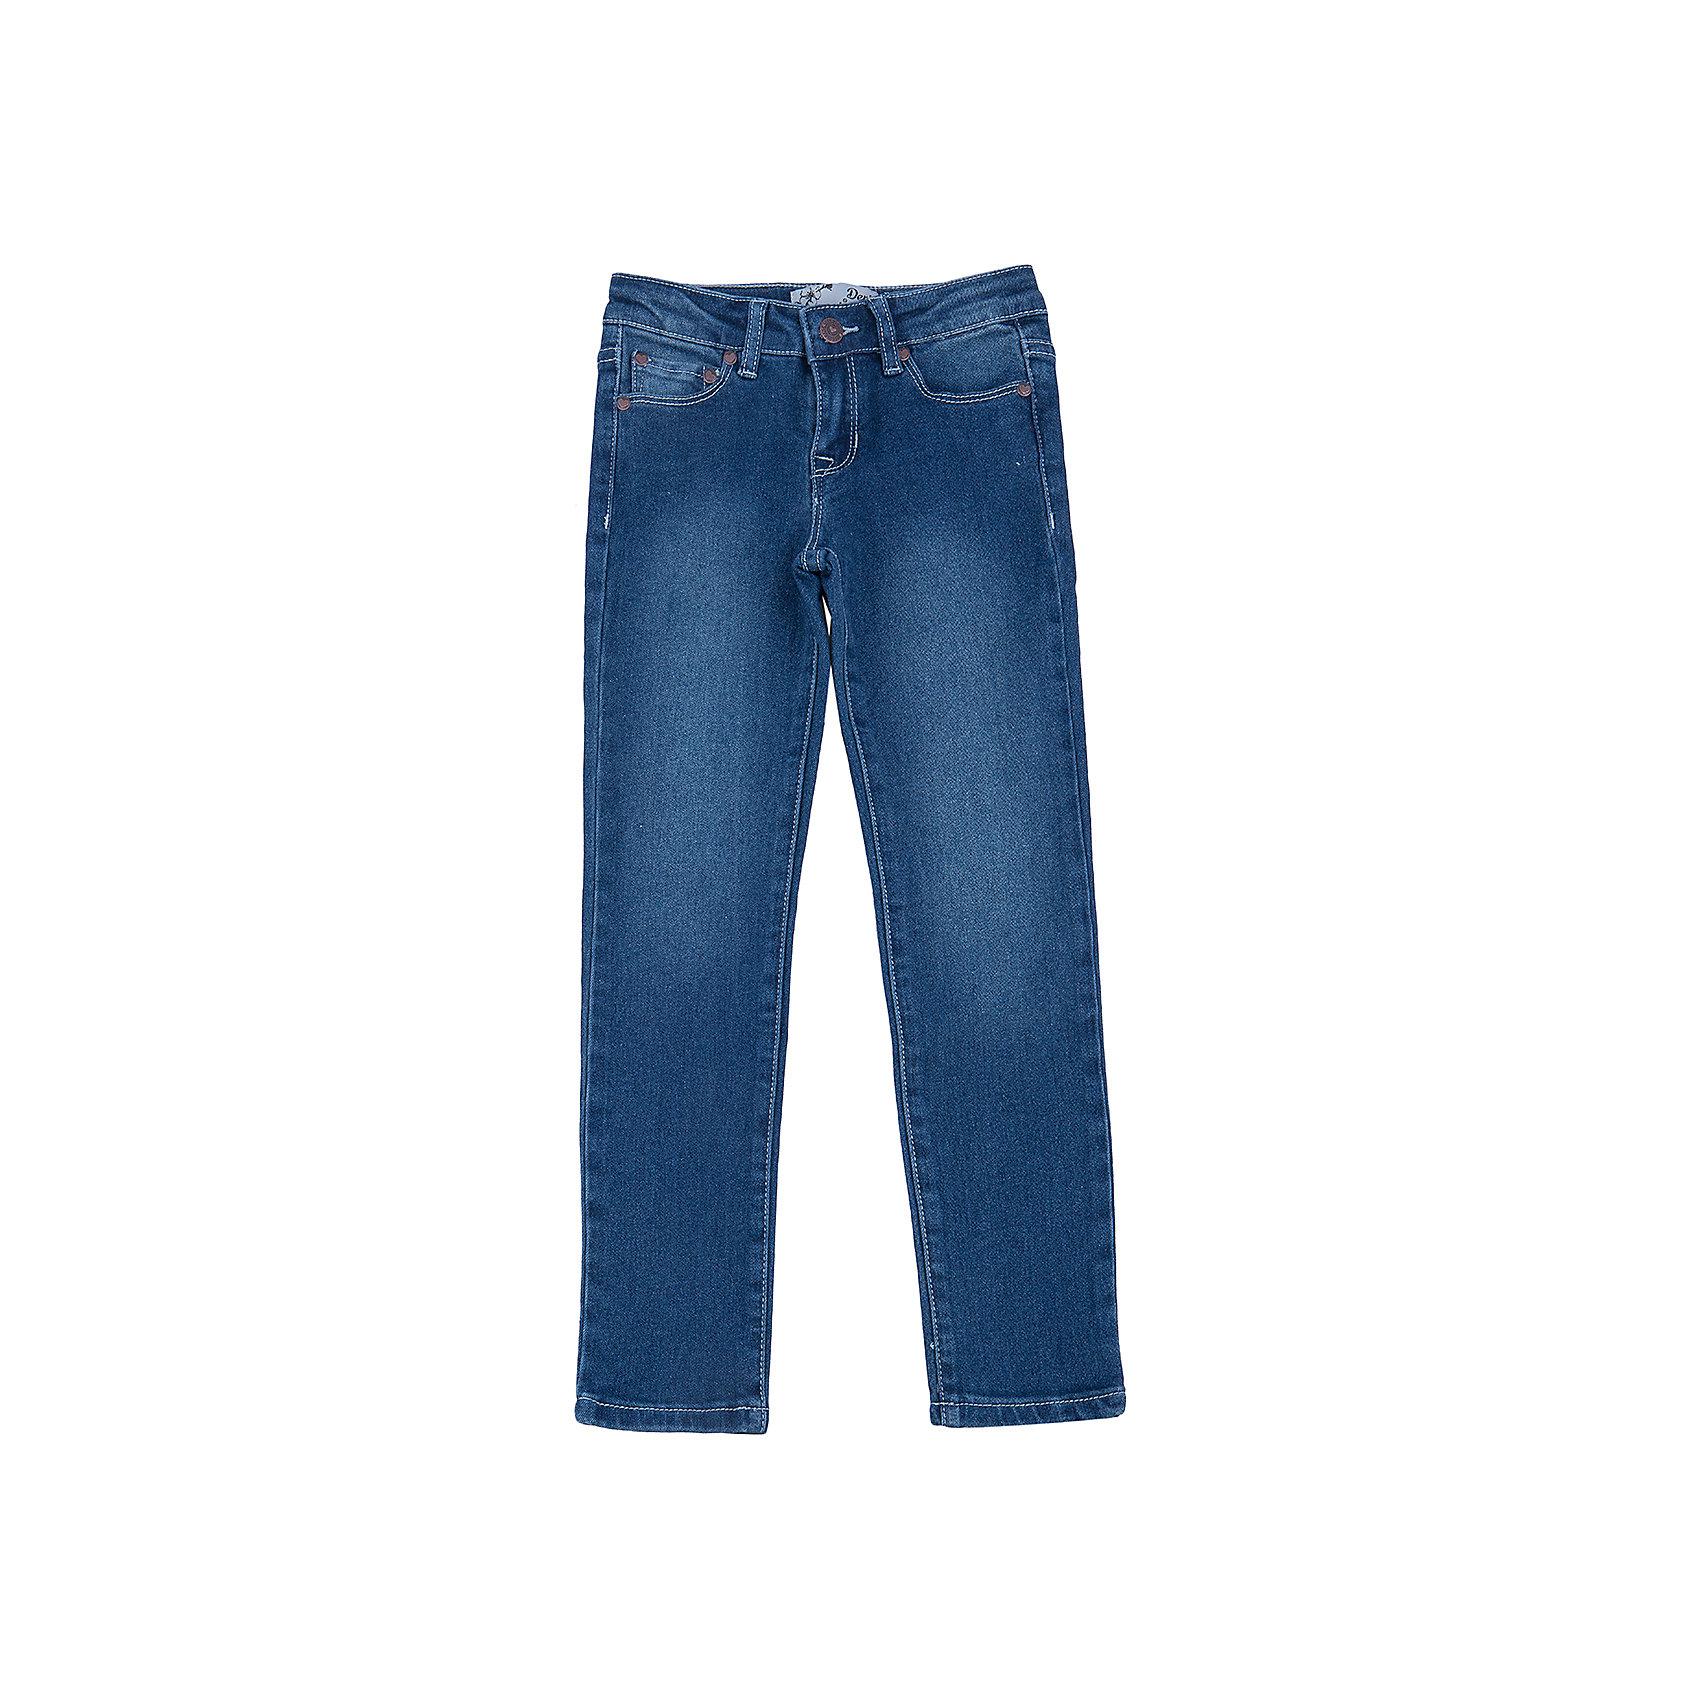 Джинсы для девочки SELAДжинсы<br>Классические джинсы - незаменимая вещь в детском гардеробе. Эта модель отлично сидит на ребенке, она сшита из плотного материала, натуральный хлопок не вызывает аллергии и обеспечивает ребенку комфорт. Модель станет отличной базовой вещью, которая будет уместна в различных сочетаниях.<br>Одежда от бренда Sela (Села) - это качество по приемлемым ценам. Многие российские родители уже оценили преимущества продукции этой компании и всё чаще приобретают одежду и аксессуары Sela.<br><br>Дополнительная информация:<br><br>цвет: синий;<br>материал: 65% хлопок, 33% ПЭ, 2% эластан;<br>плотный материал;<br>классический силуэт.<br><br>Джинсы для девочки от бренда Sela можно купить в нашем интернет-магазине.<br><br>Ширина мм: 215<br>Глубина мм: 88<br>Высота мм: 191<br>Вес г: 336<br>Цвет: голубой<br>Возраст от месяцев: 132<br>Возраст до месяцев: 144<br>Пол: Женский<br>Возраст: Детский<br>Размер: 152,116,122,128,134,140,146<br>SKU: 4944030